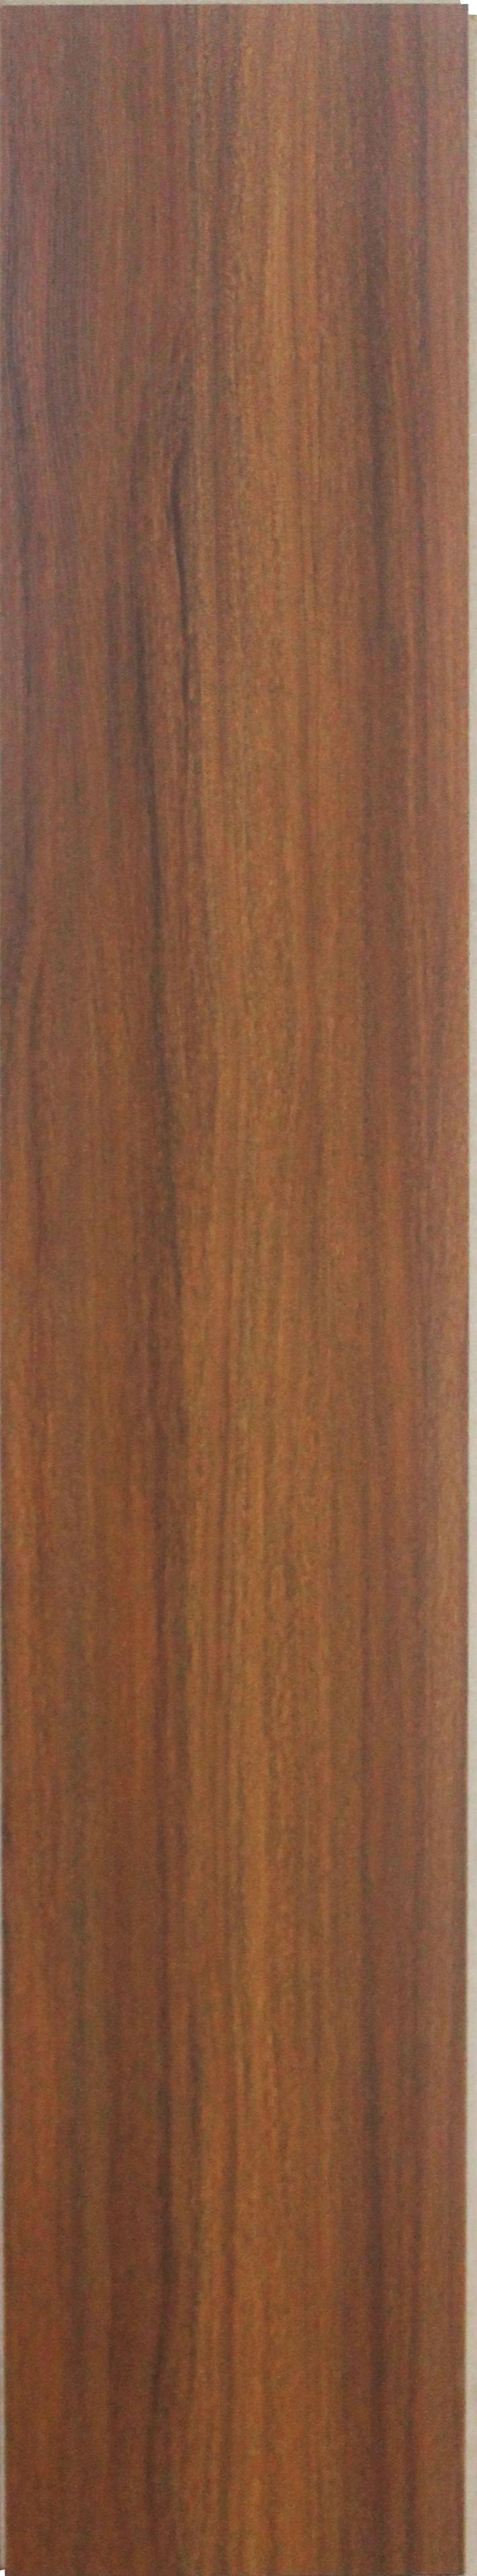 7939-Birmingham Walnut